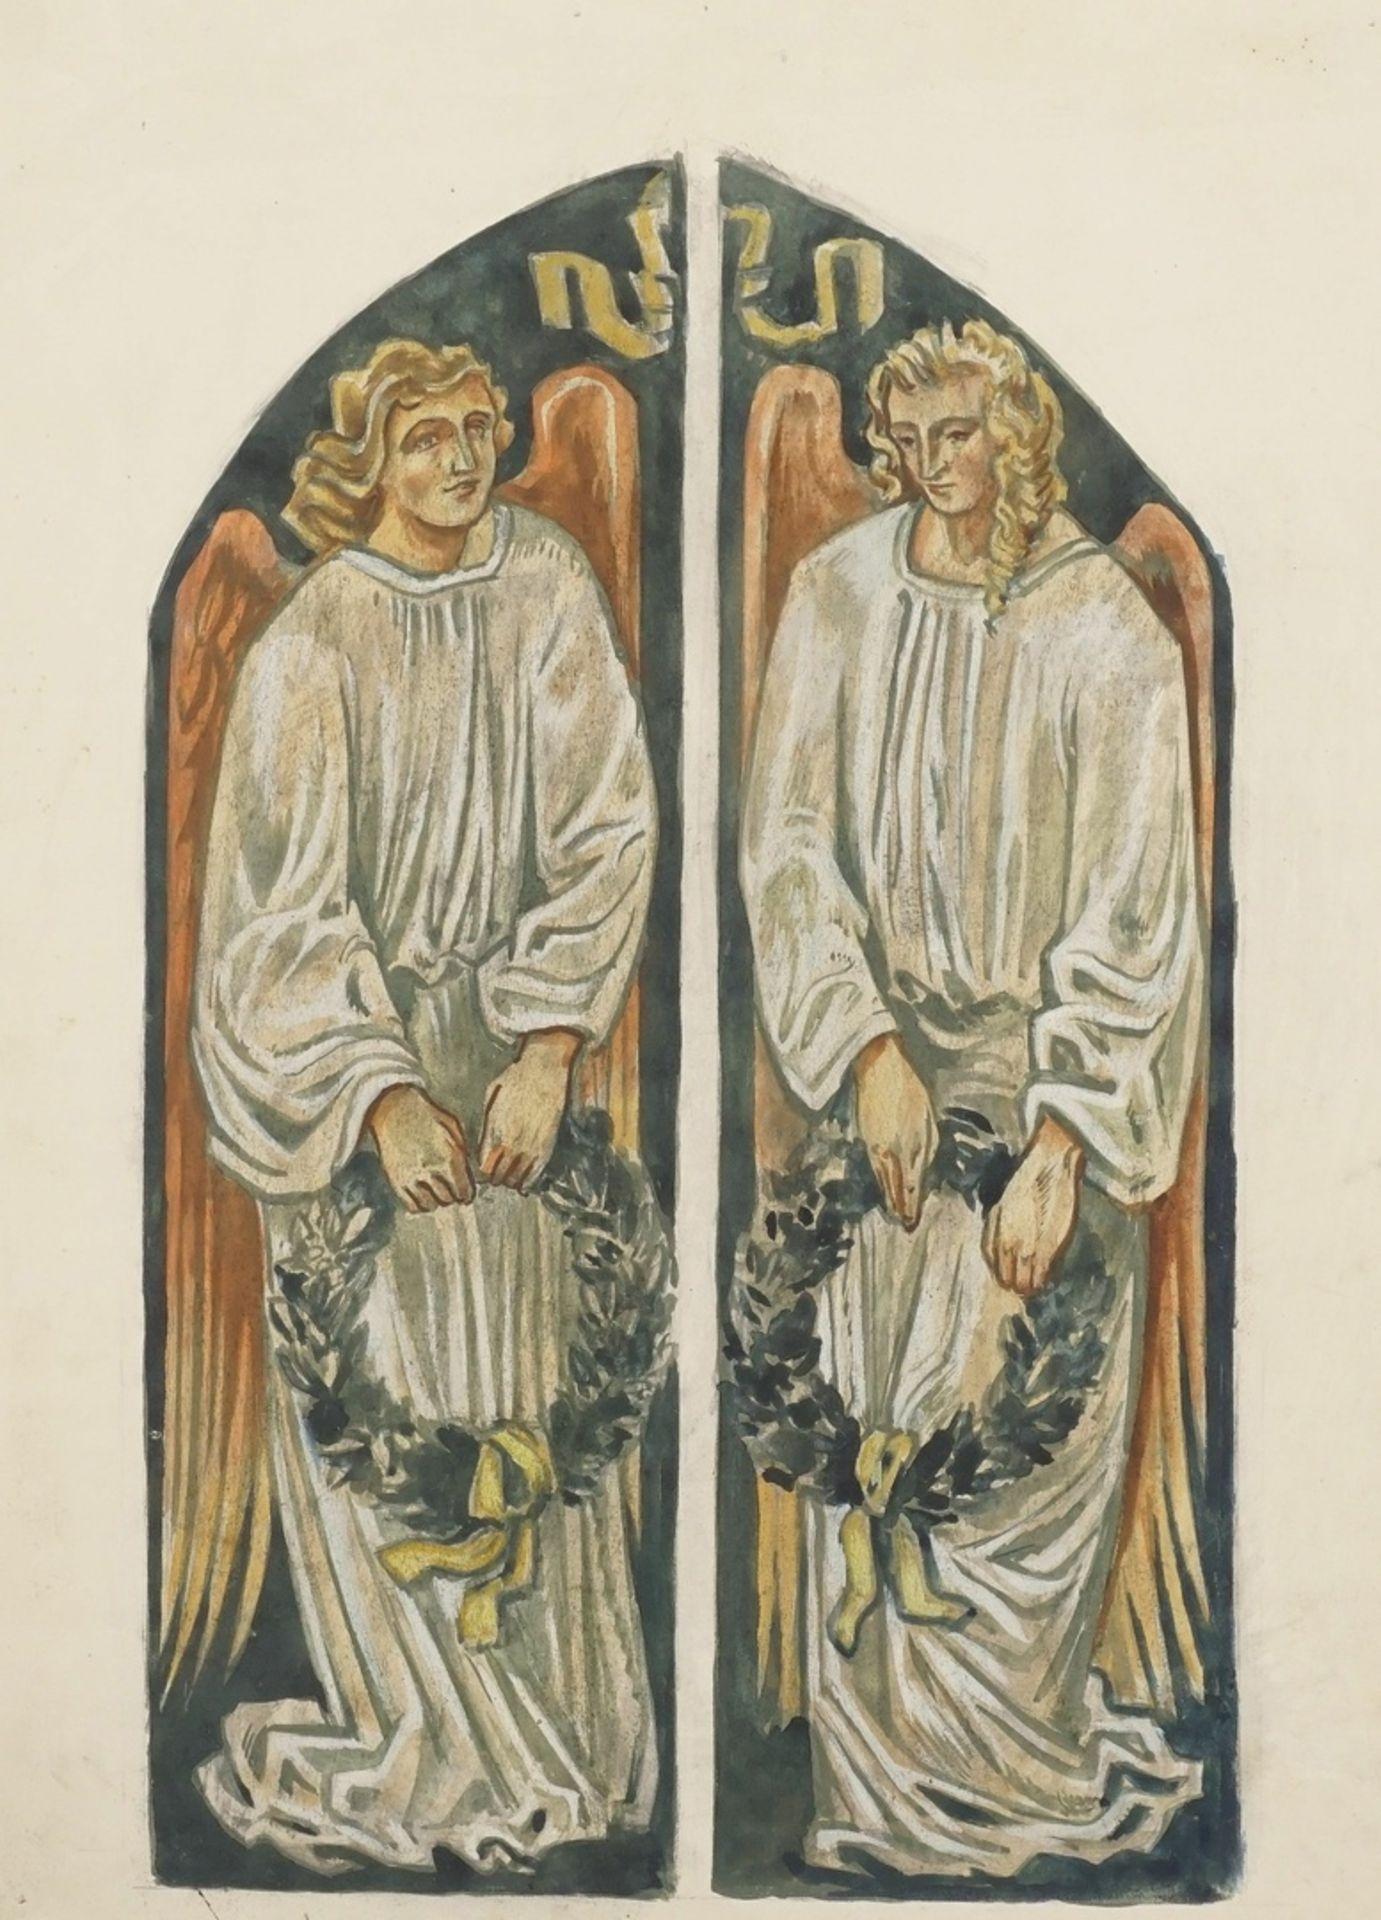 Richard Schwarzkopf, Zwei Engel mit Lorbeerkränzen